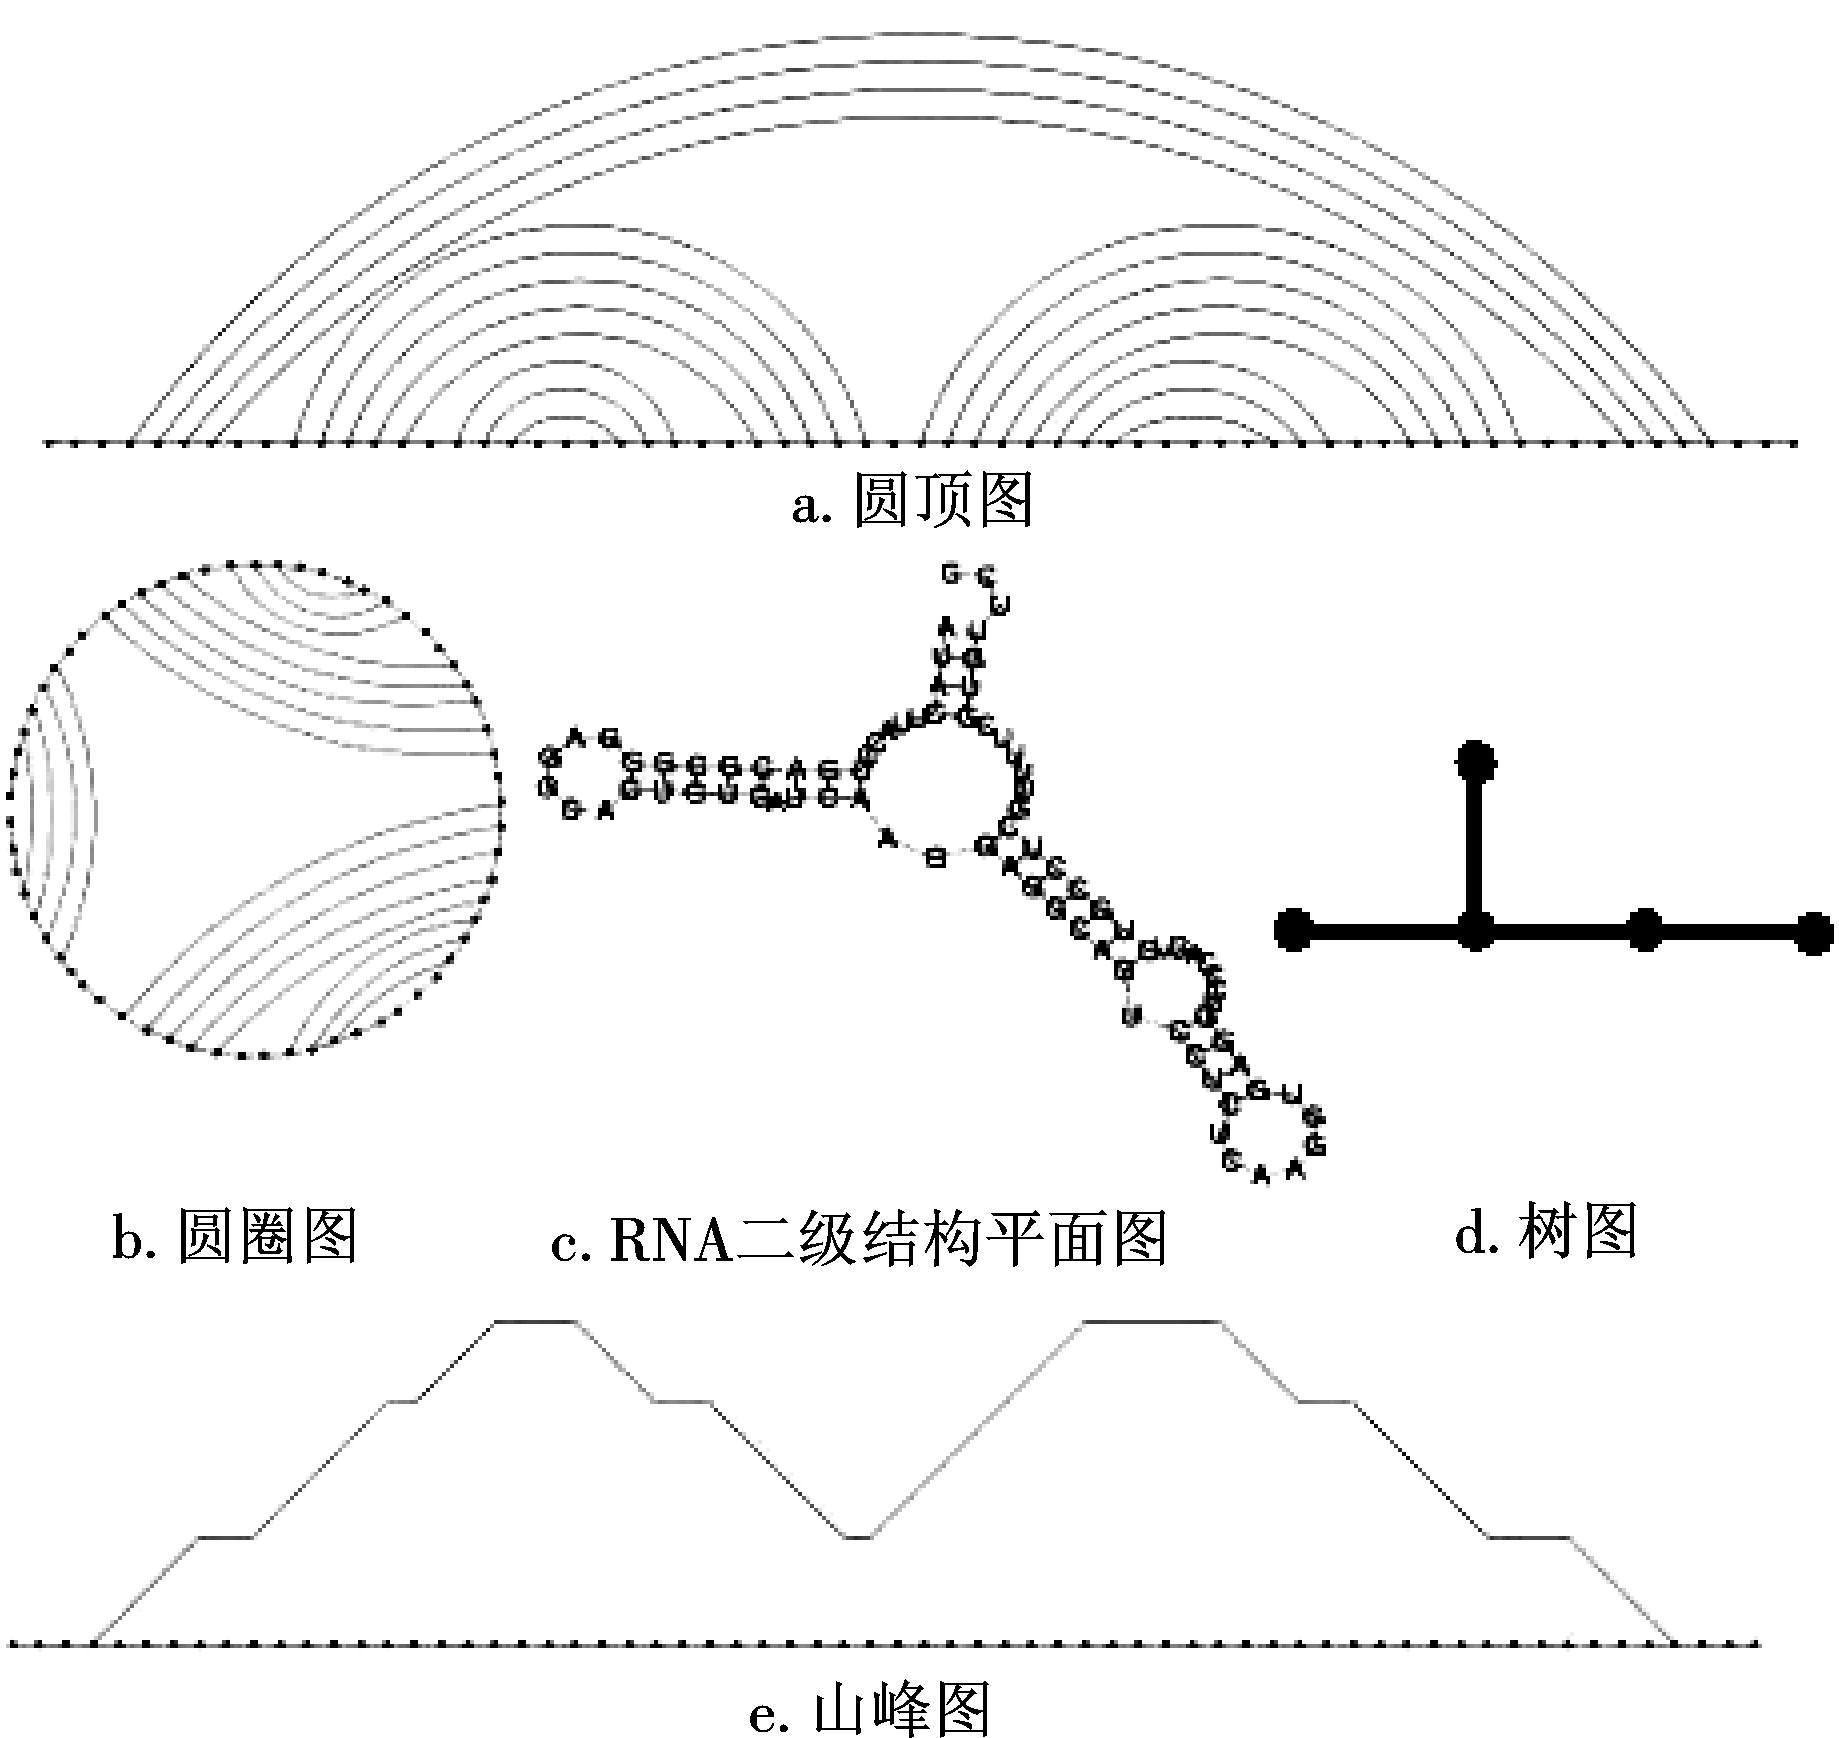 [1]吴建英,王淑琴.RNA二级结构点括号图与CT文件表示法的相互转换算法研究[J].天津师范大学学报(自然科学版),2012,32(04):32-36.